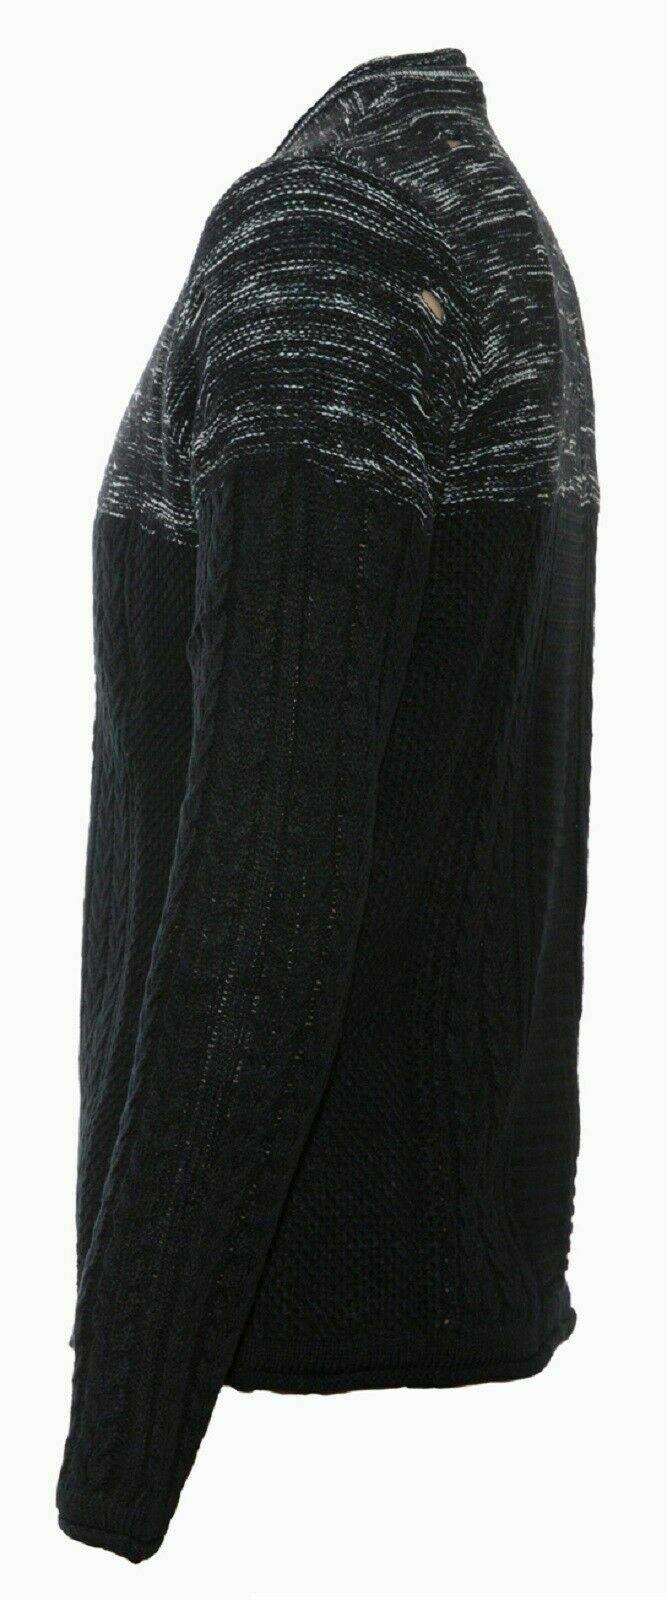 Maglione-uomo-Slim-Fit-Maglioncino-Invernale-Girocollo-Maglia-Cotone-Casual-Nero miniatura 13